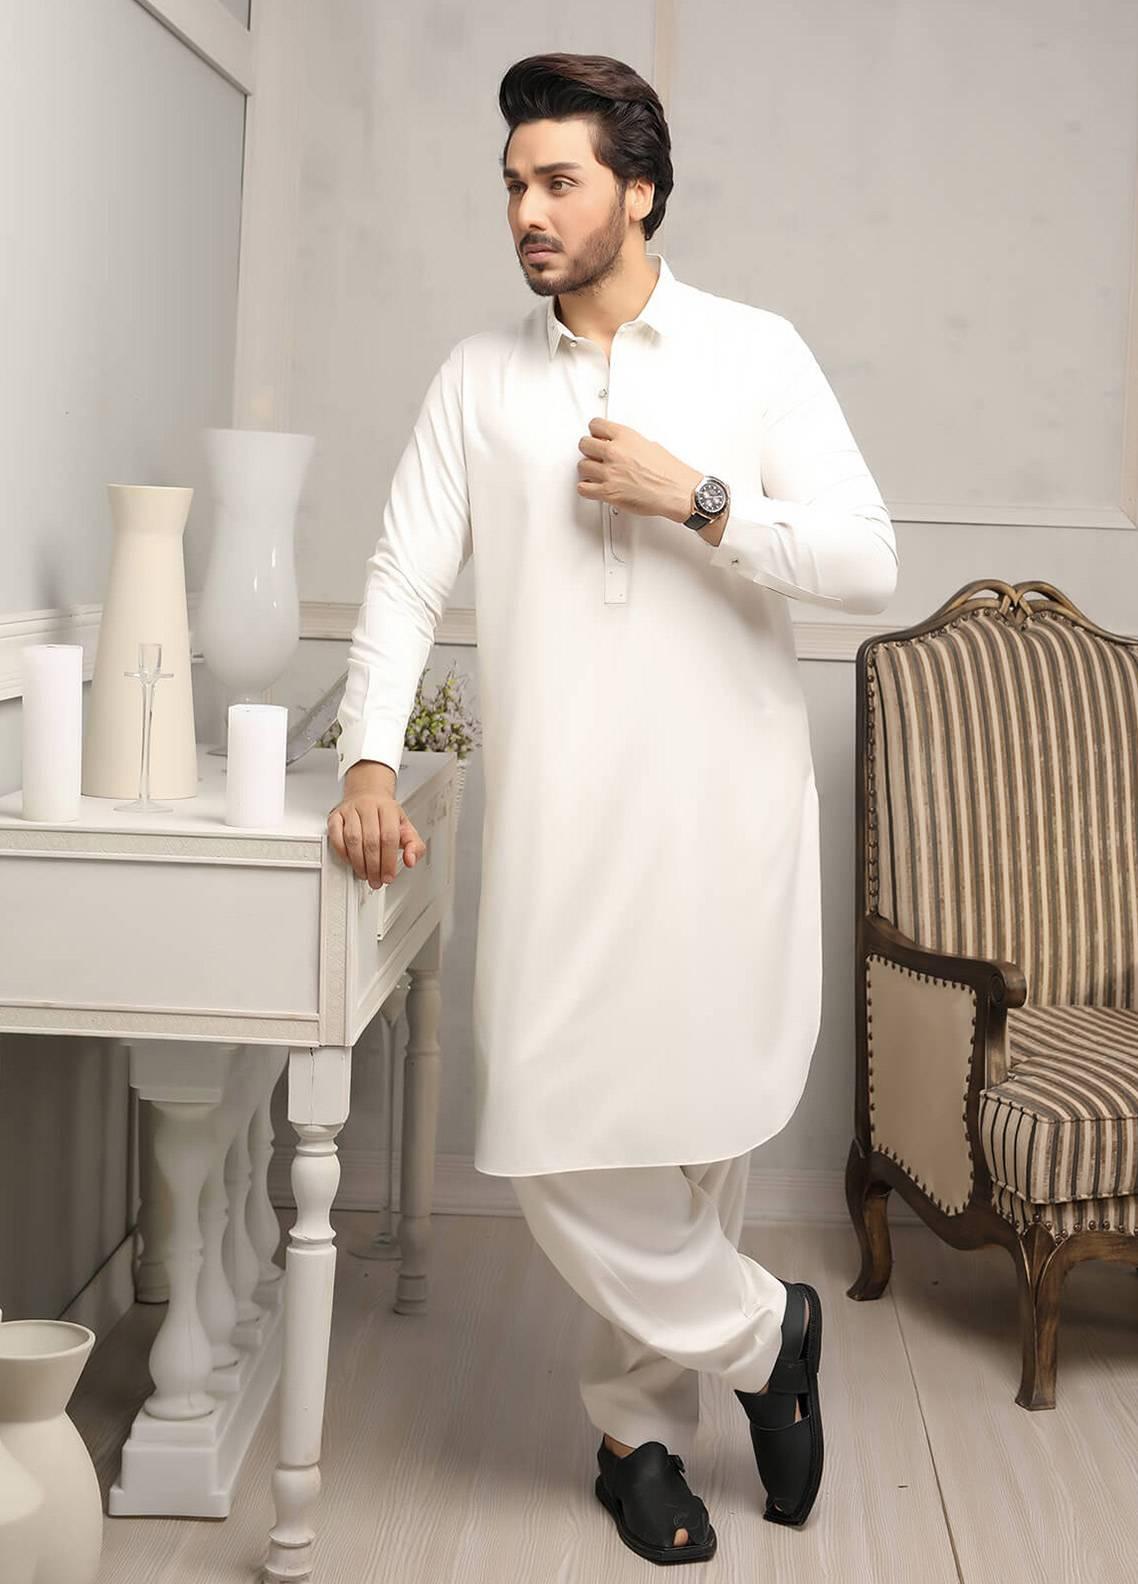 f0fff202ee Safeer by Edenrobe EMUC18-IMPERIAL Cotton Unstitched Men's Kameez Shalwar  Fabric. Online only